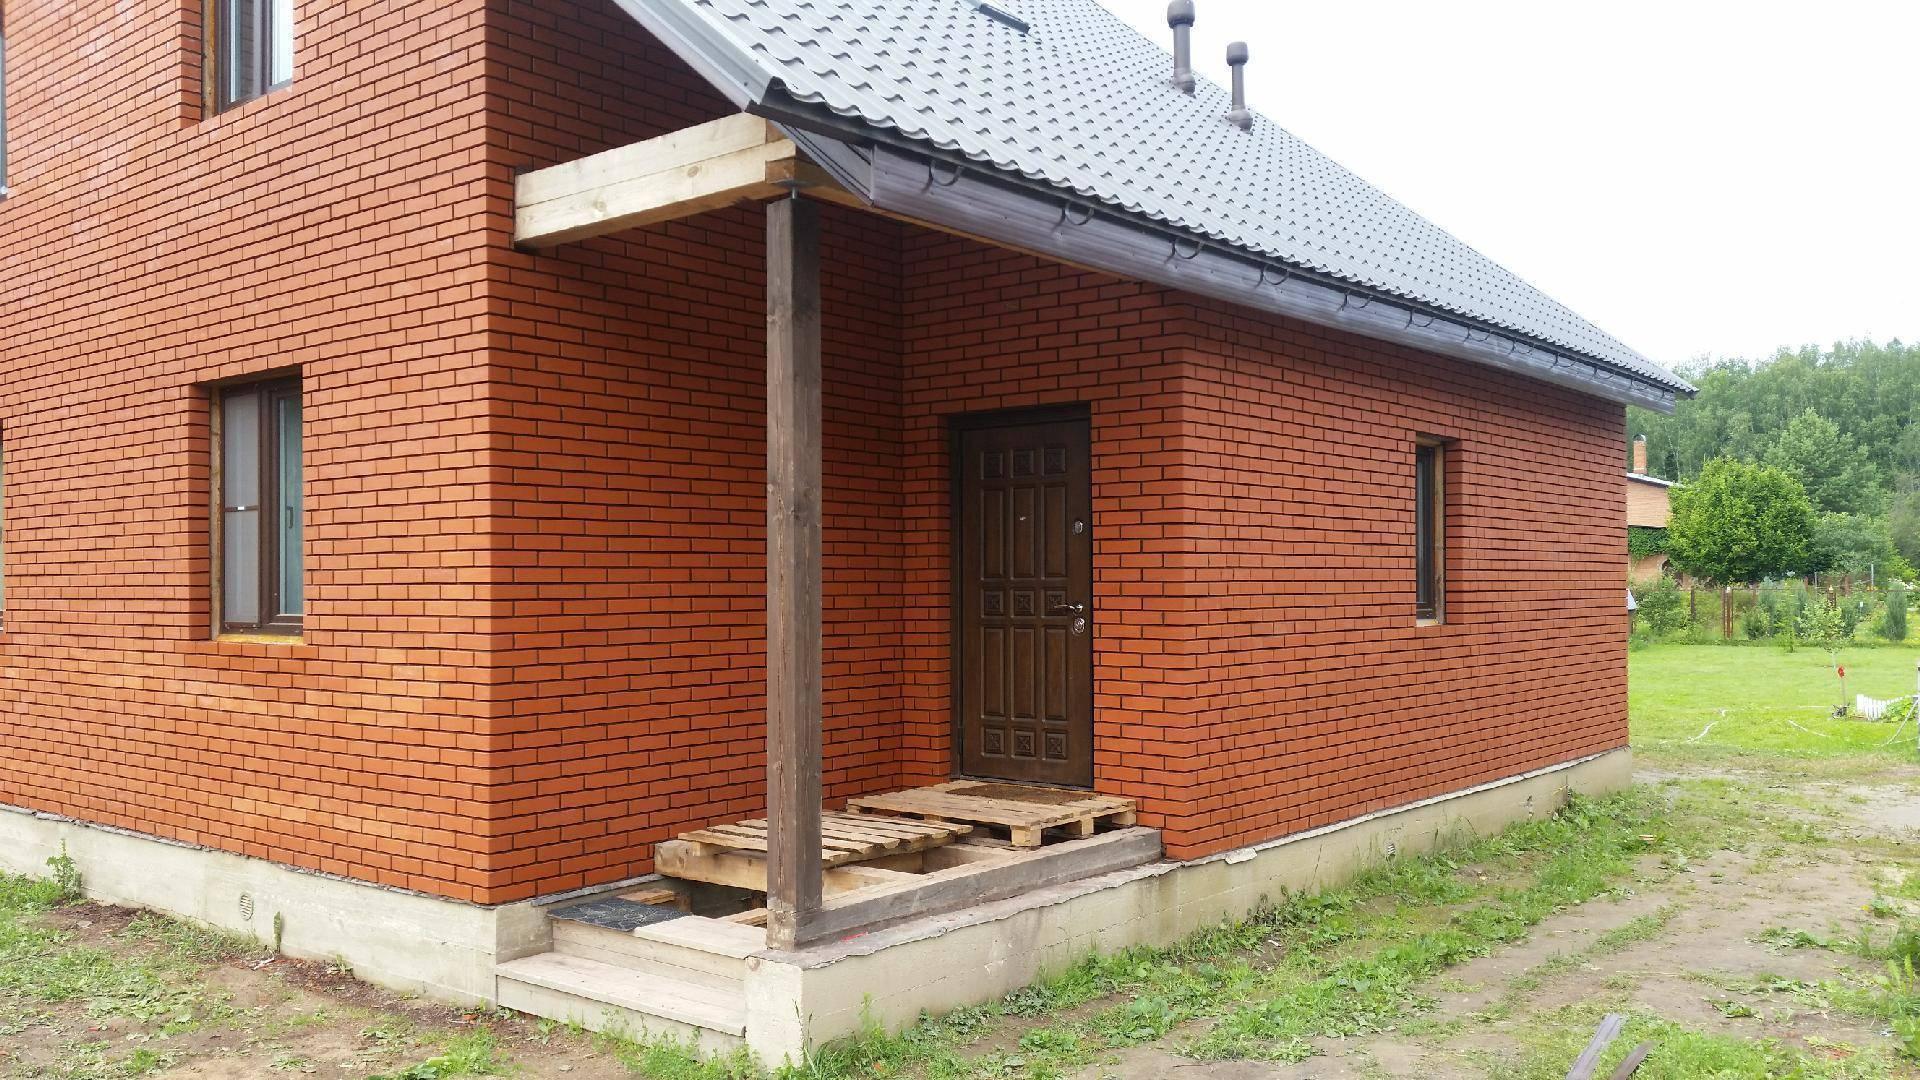 Обкладка деревянного дома кирпичом: поэтапное описание процесса